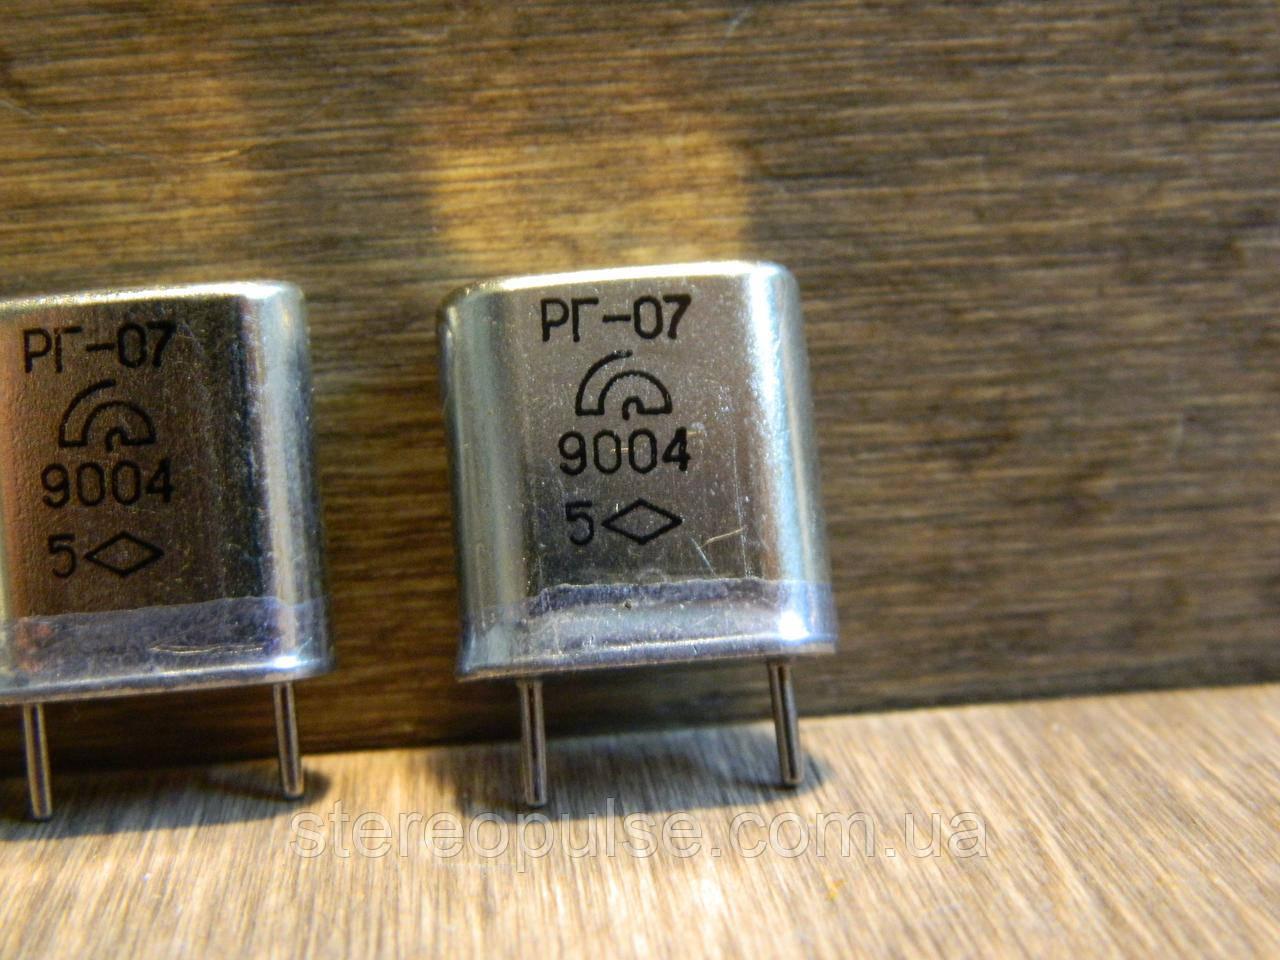 Кварцевый резонатор   1024  кГц     РГ -06